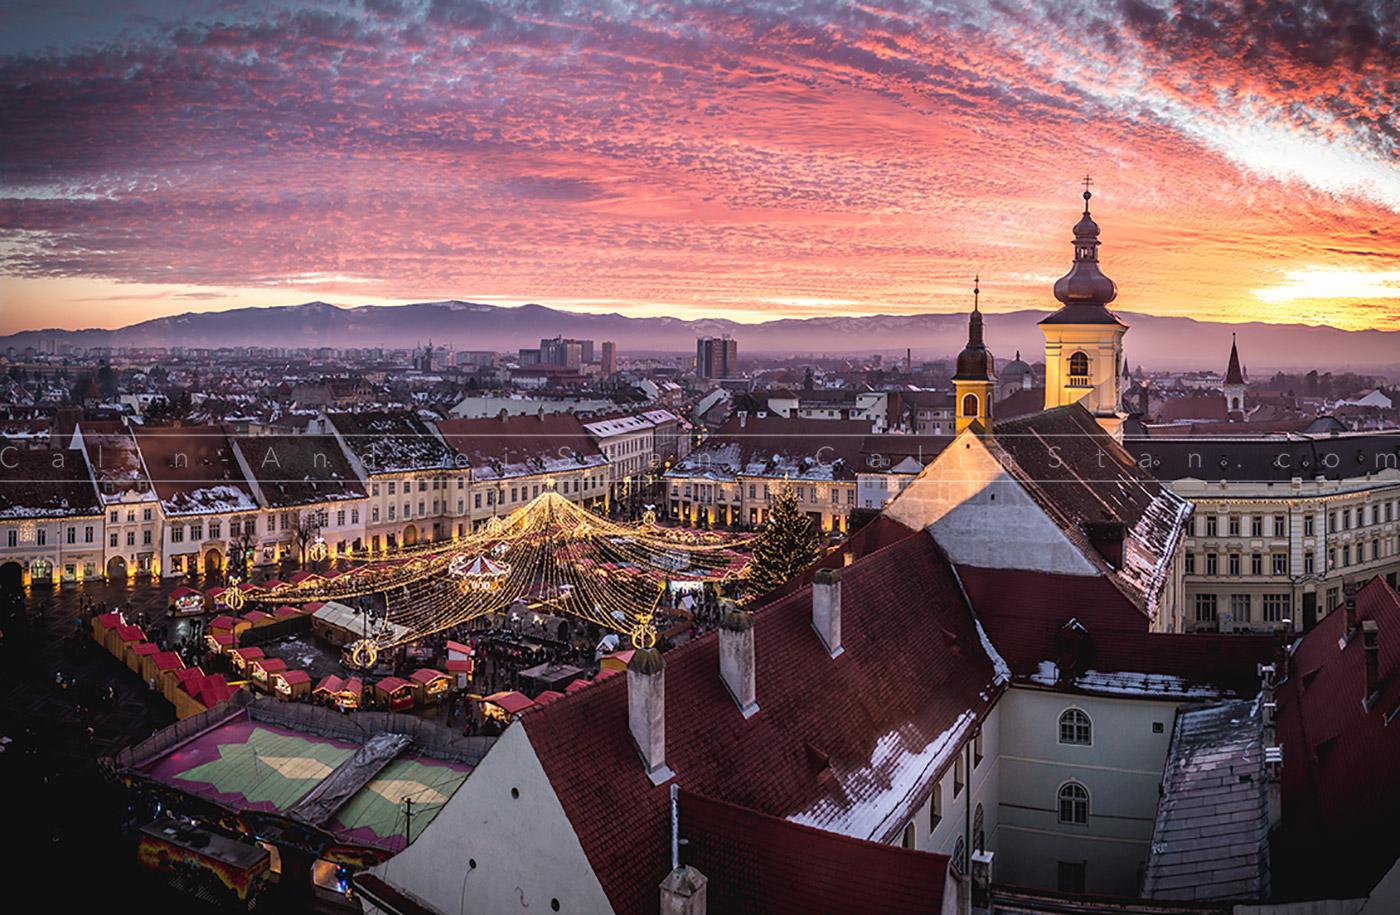 Piața de Crăciun din Sibiu